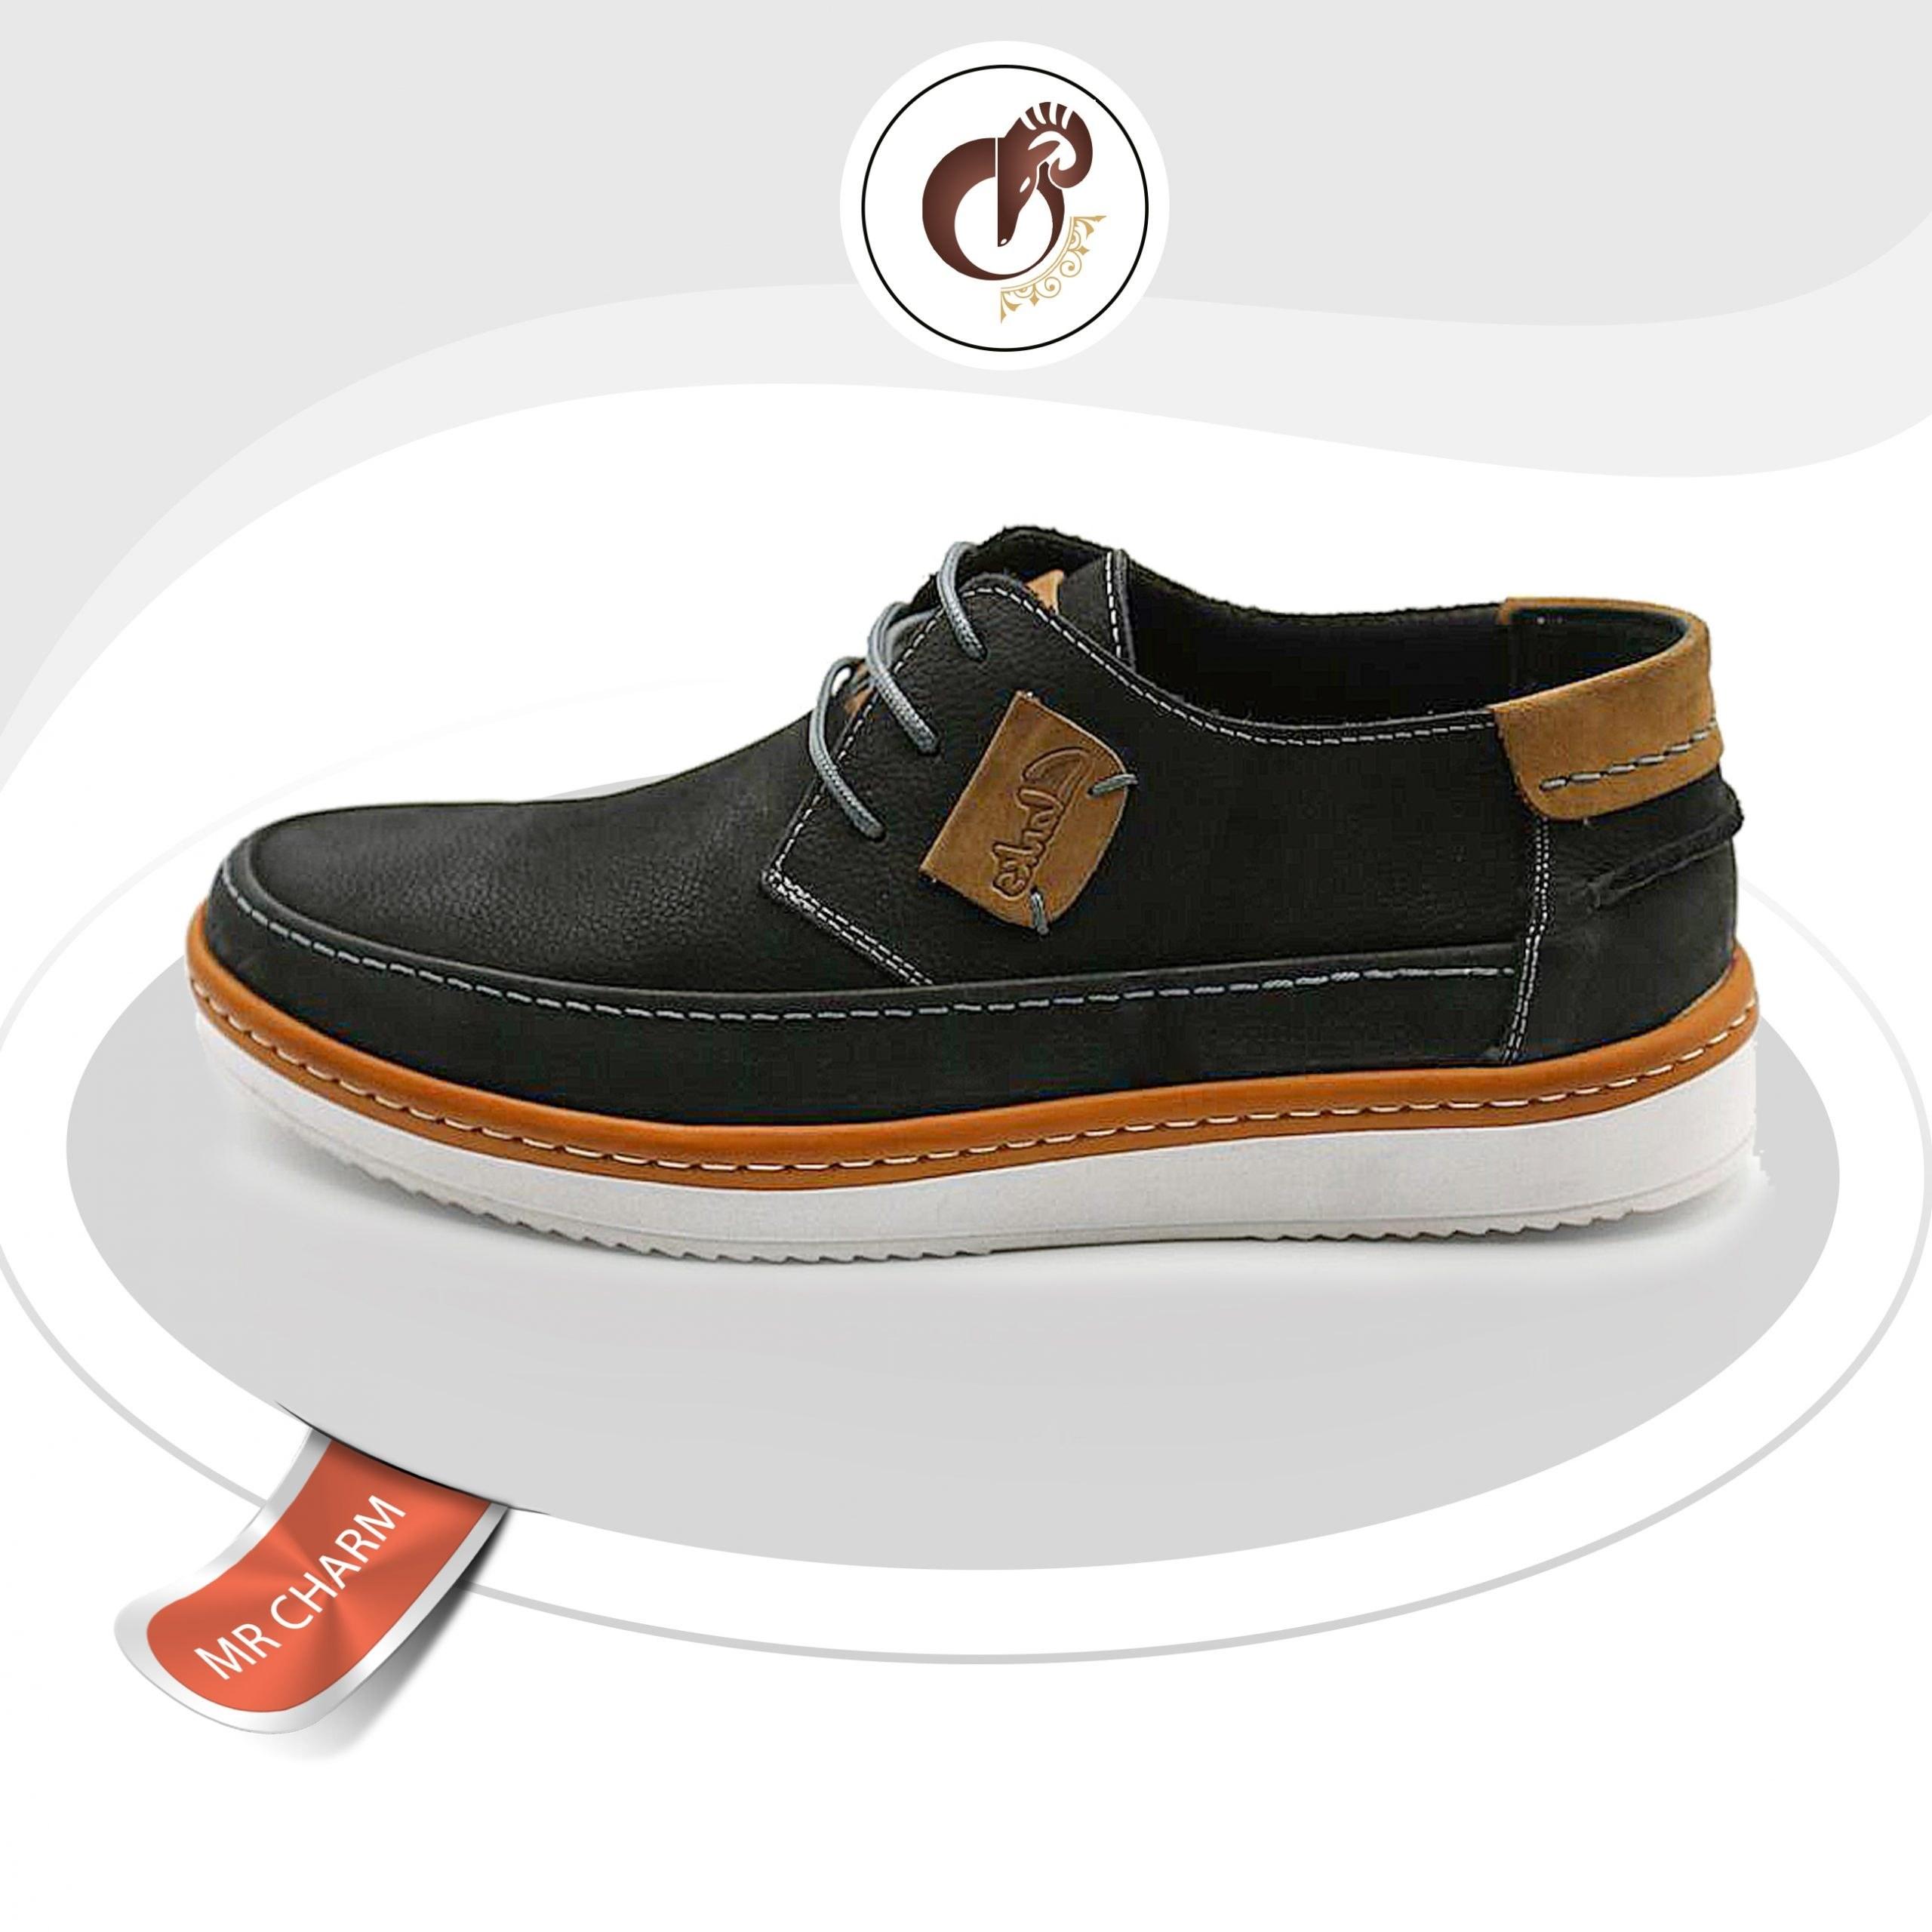 عکس کفش چرم اسپرت مردانه  کفش-چرم-اسپرت-مردانه